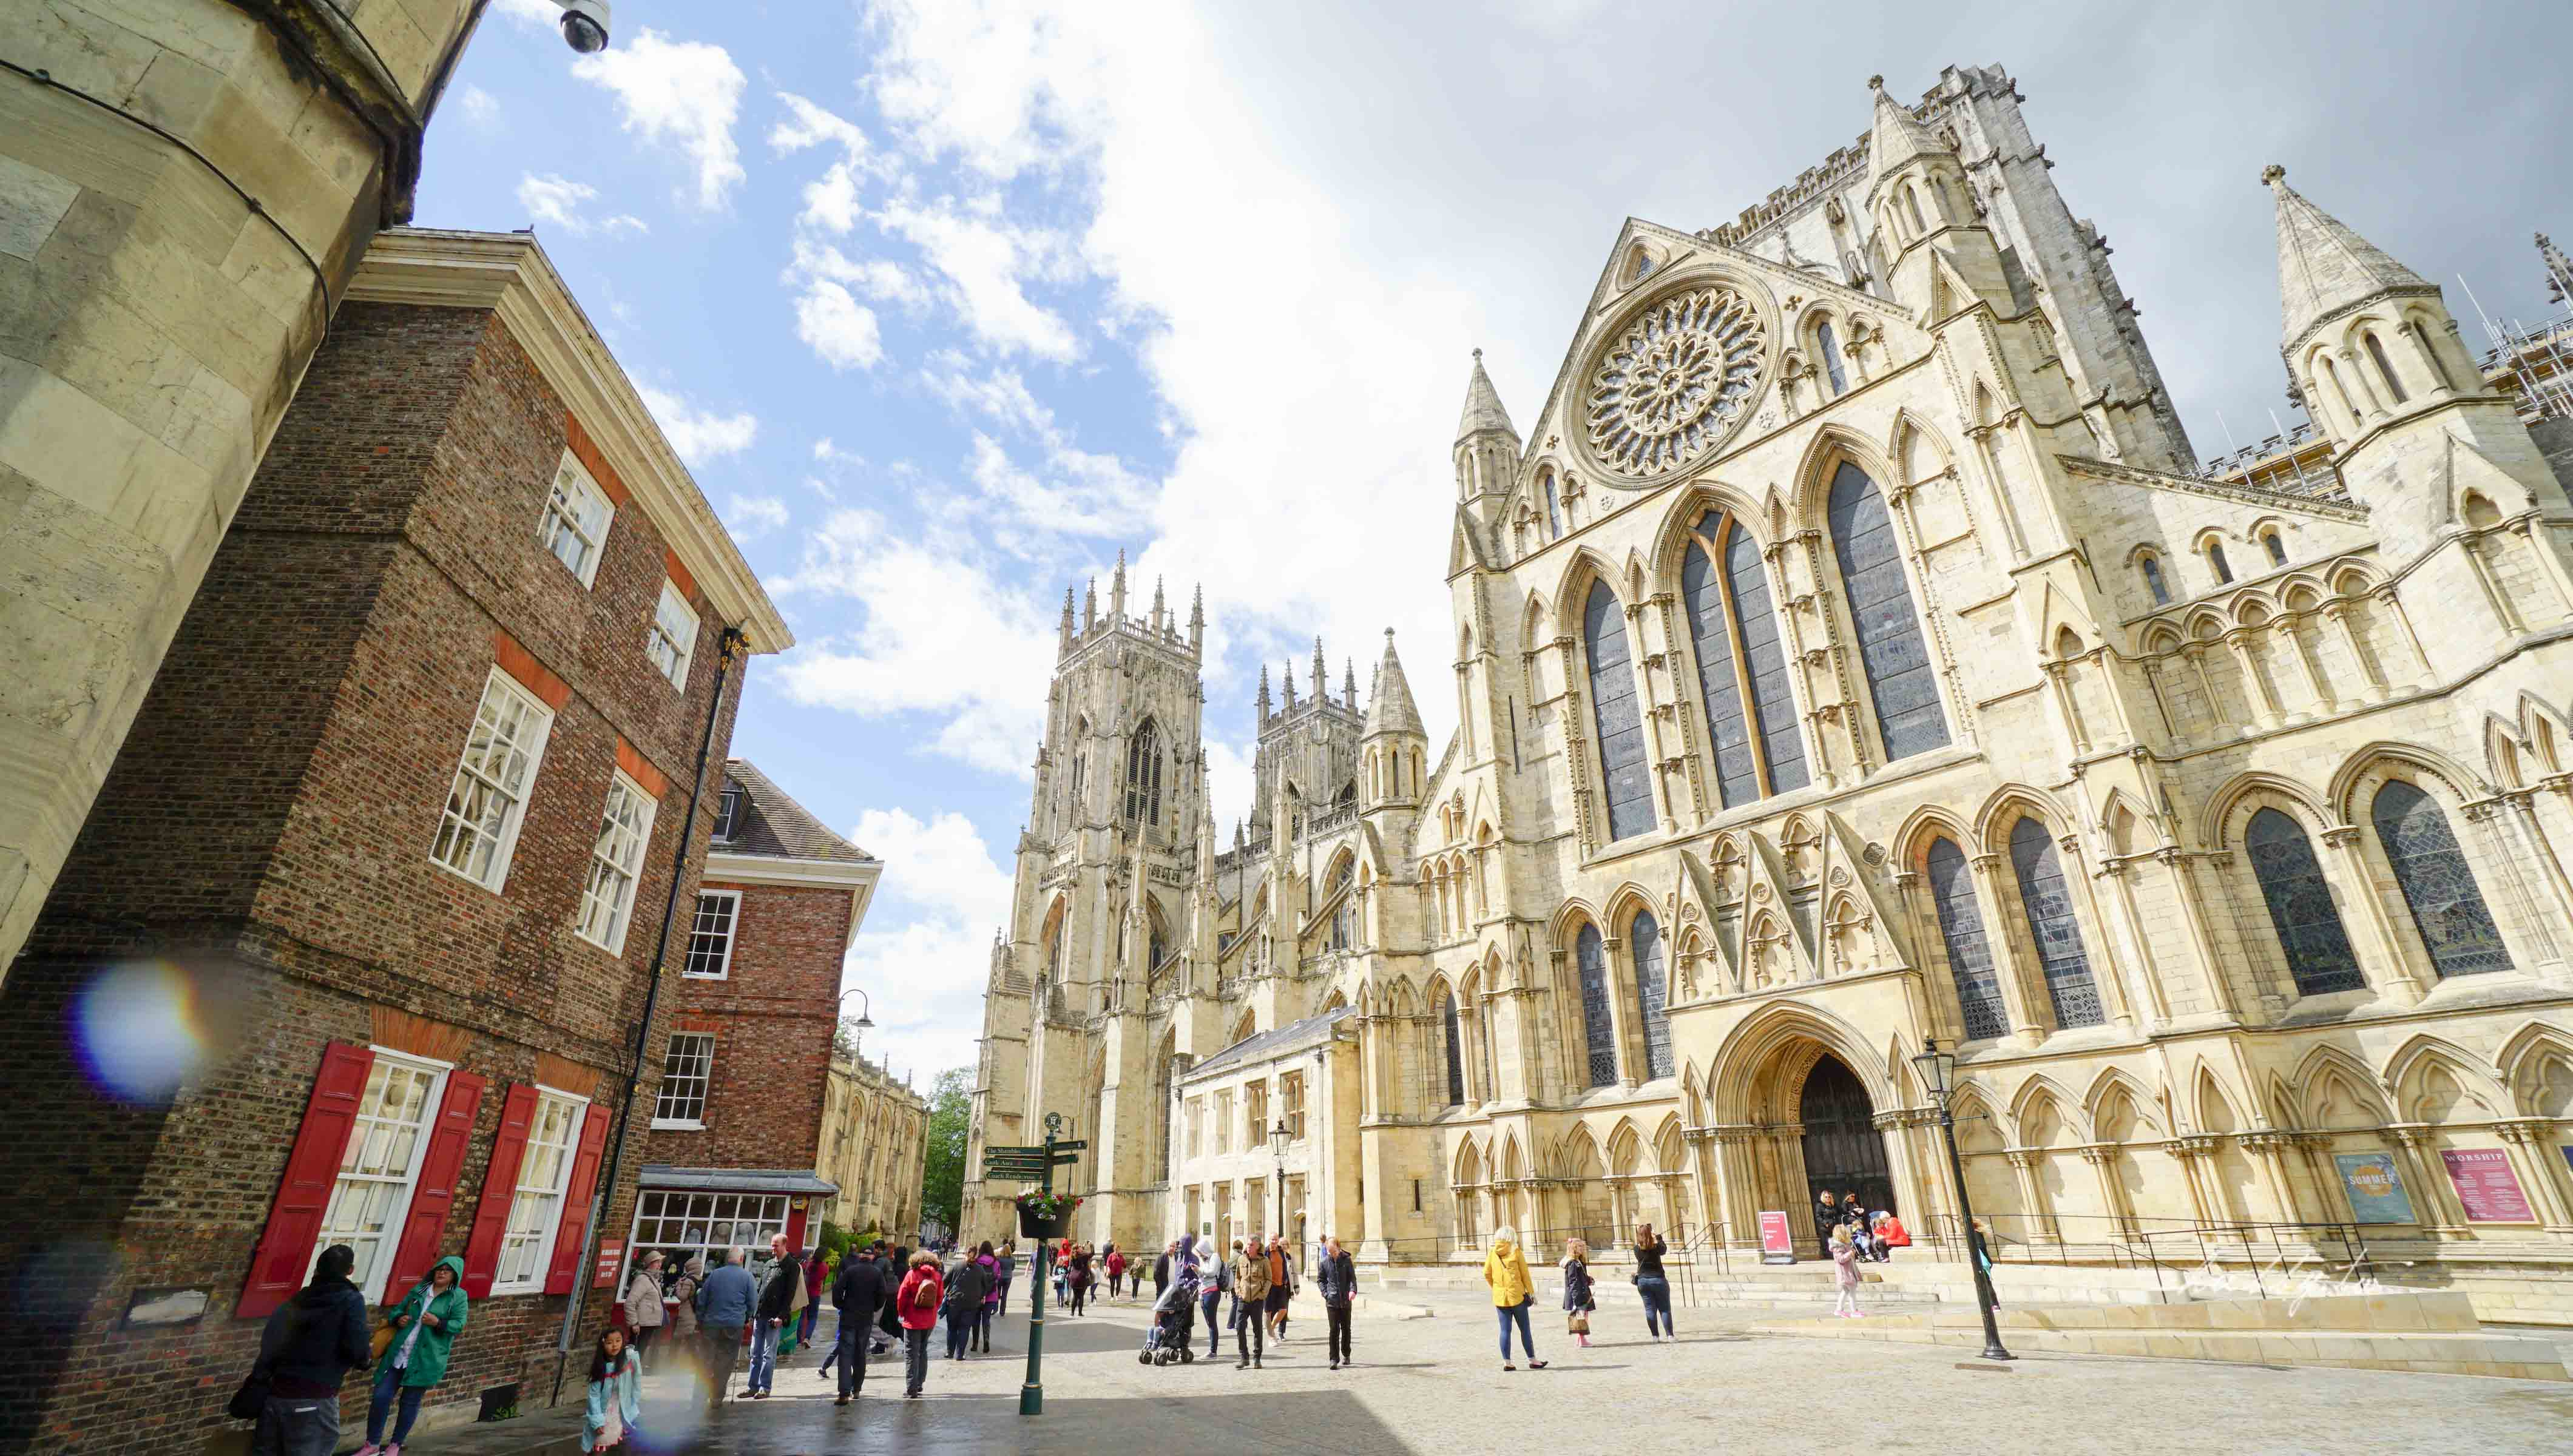 我最愛的英國城市:約克York。一日旅遊規劃、行李寄放、景點拍攝秘境